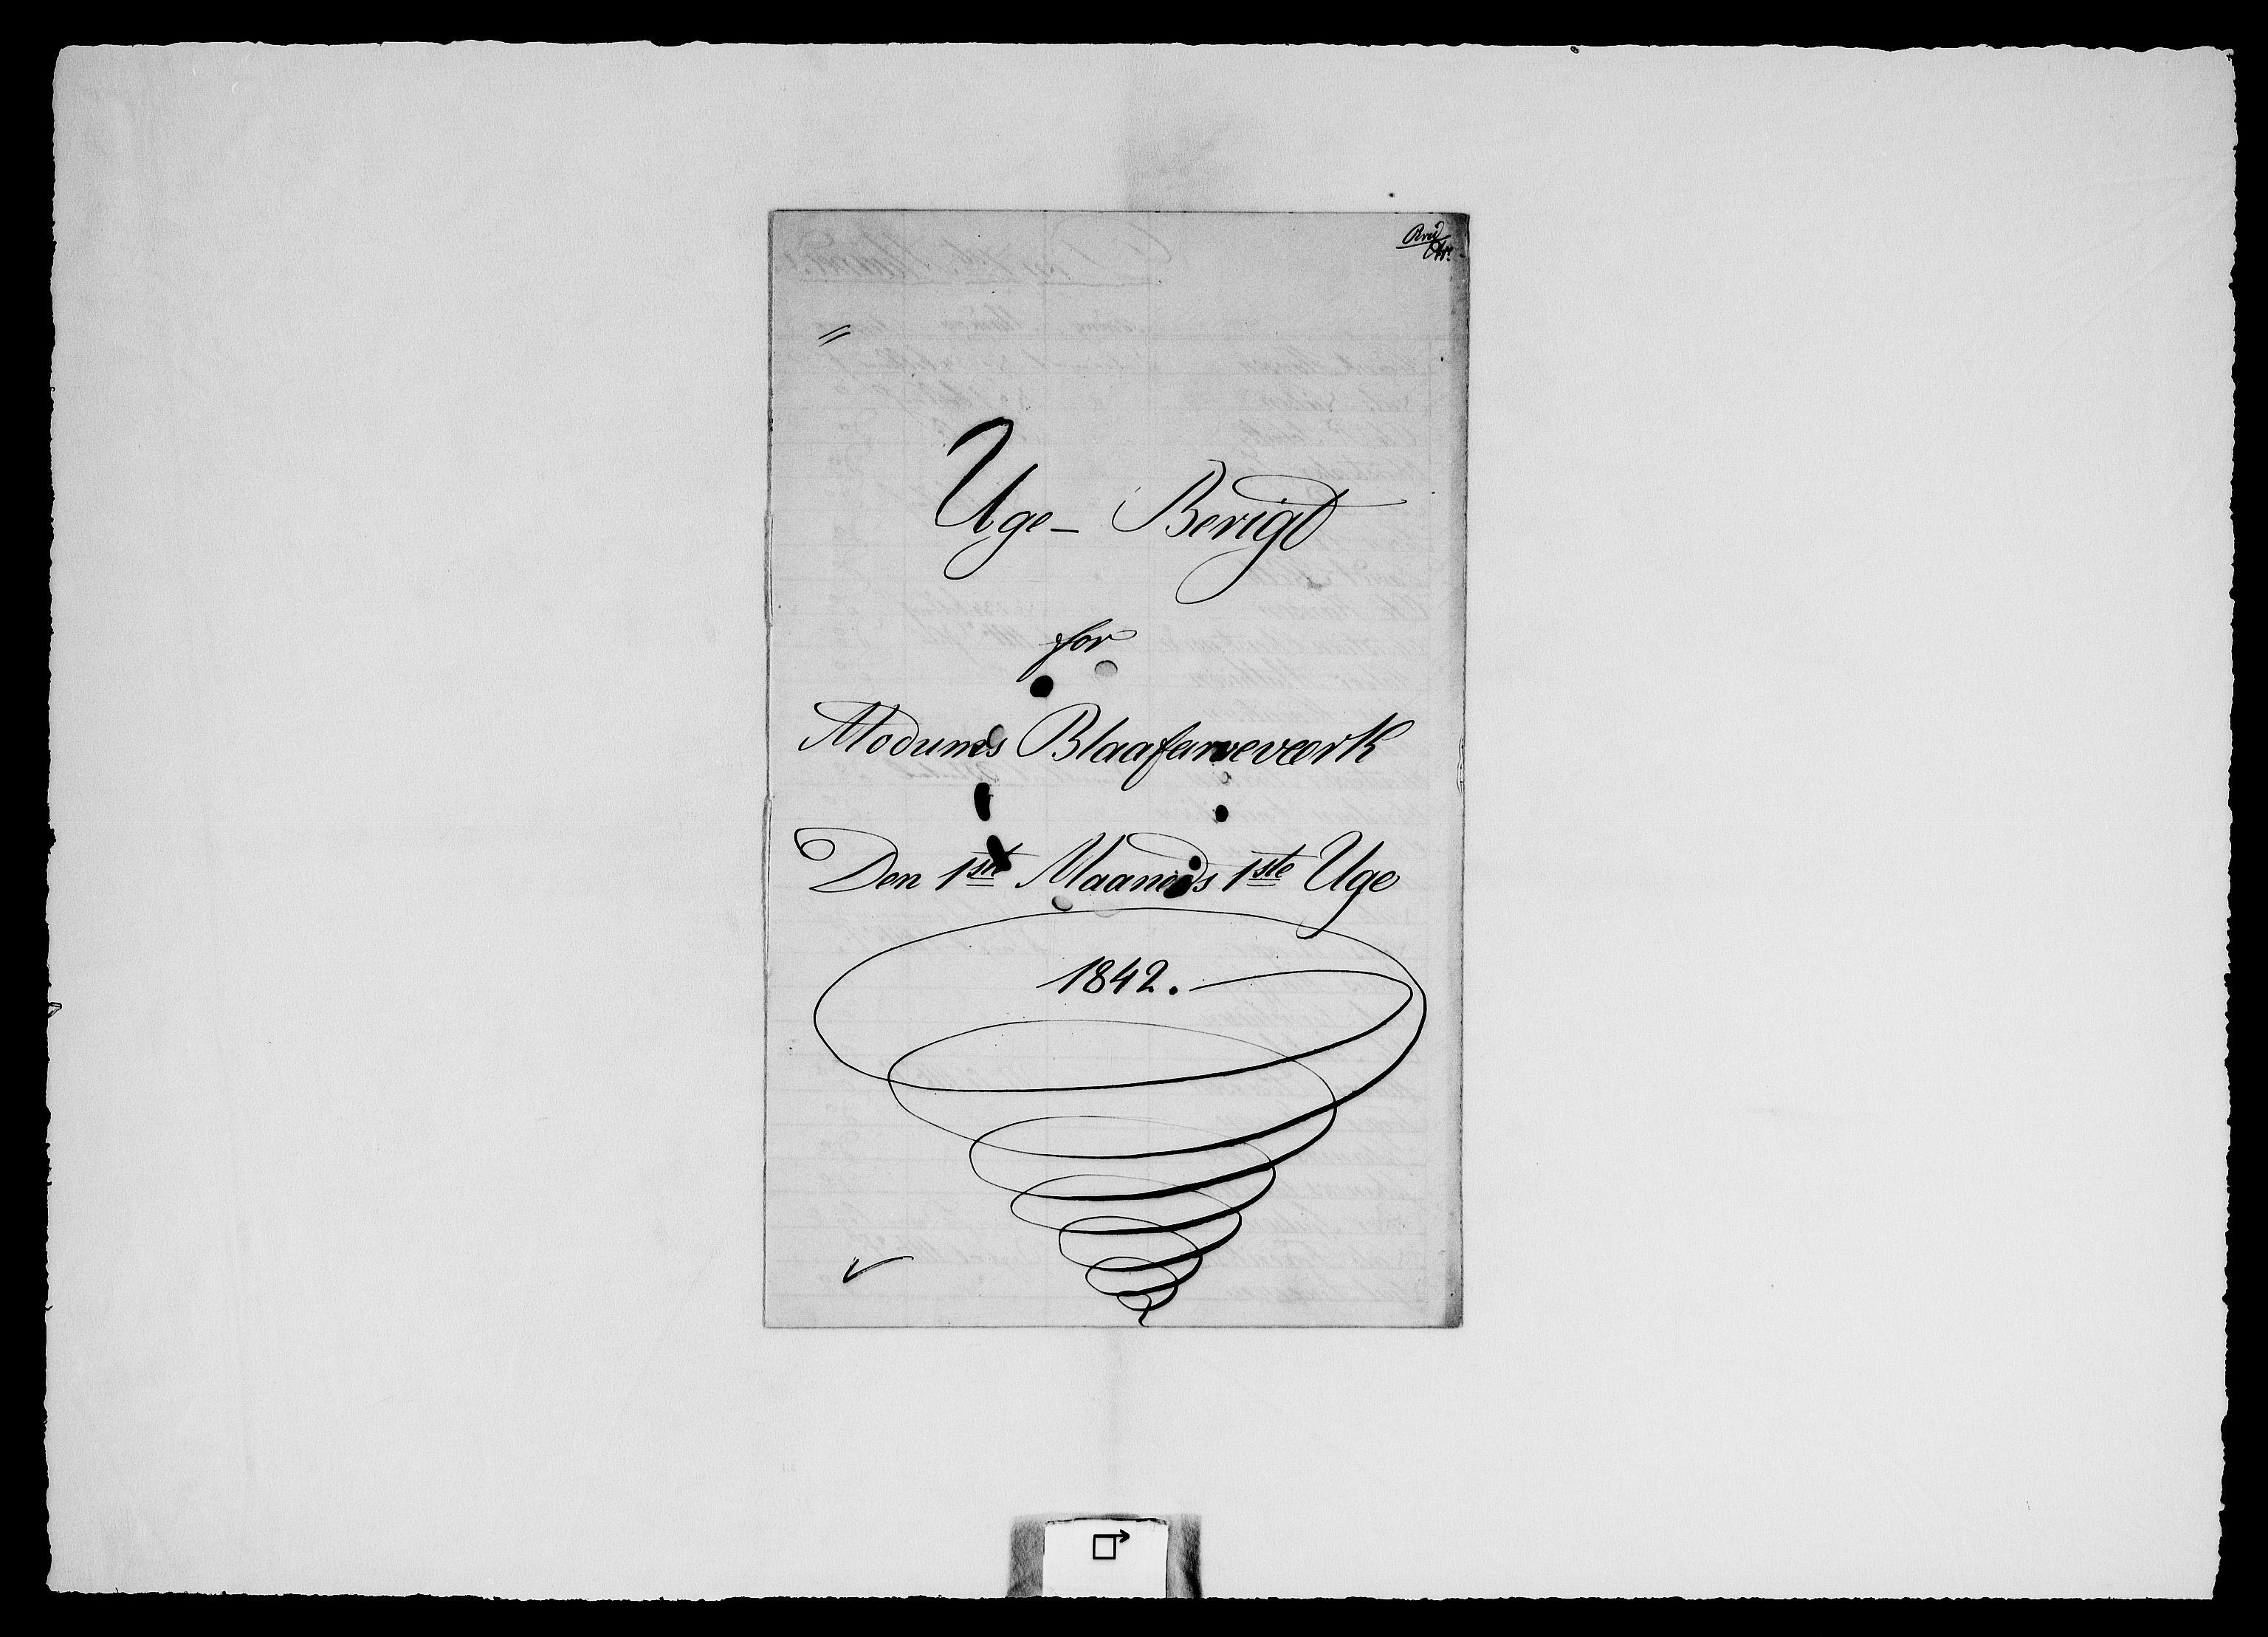 RA, Modums Blaafarveværk, G/Ge/L0325, 1842-1848, s. 2